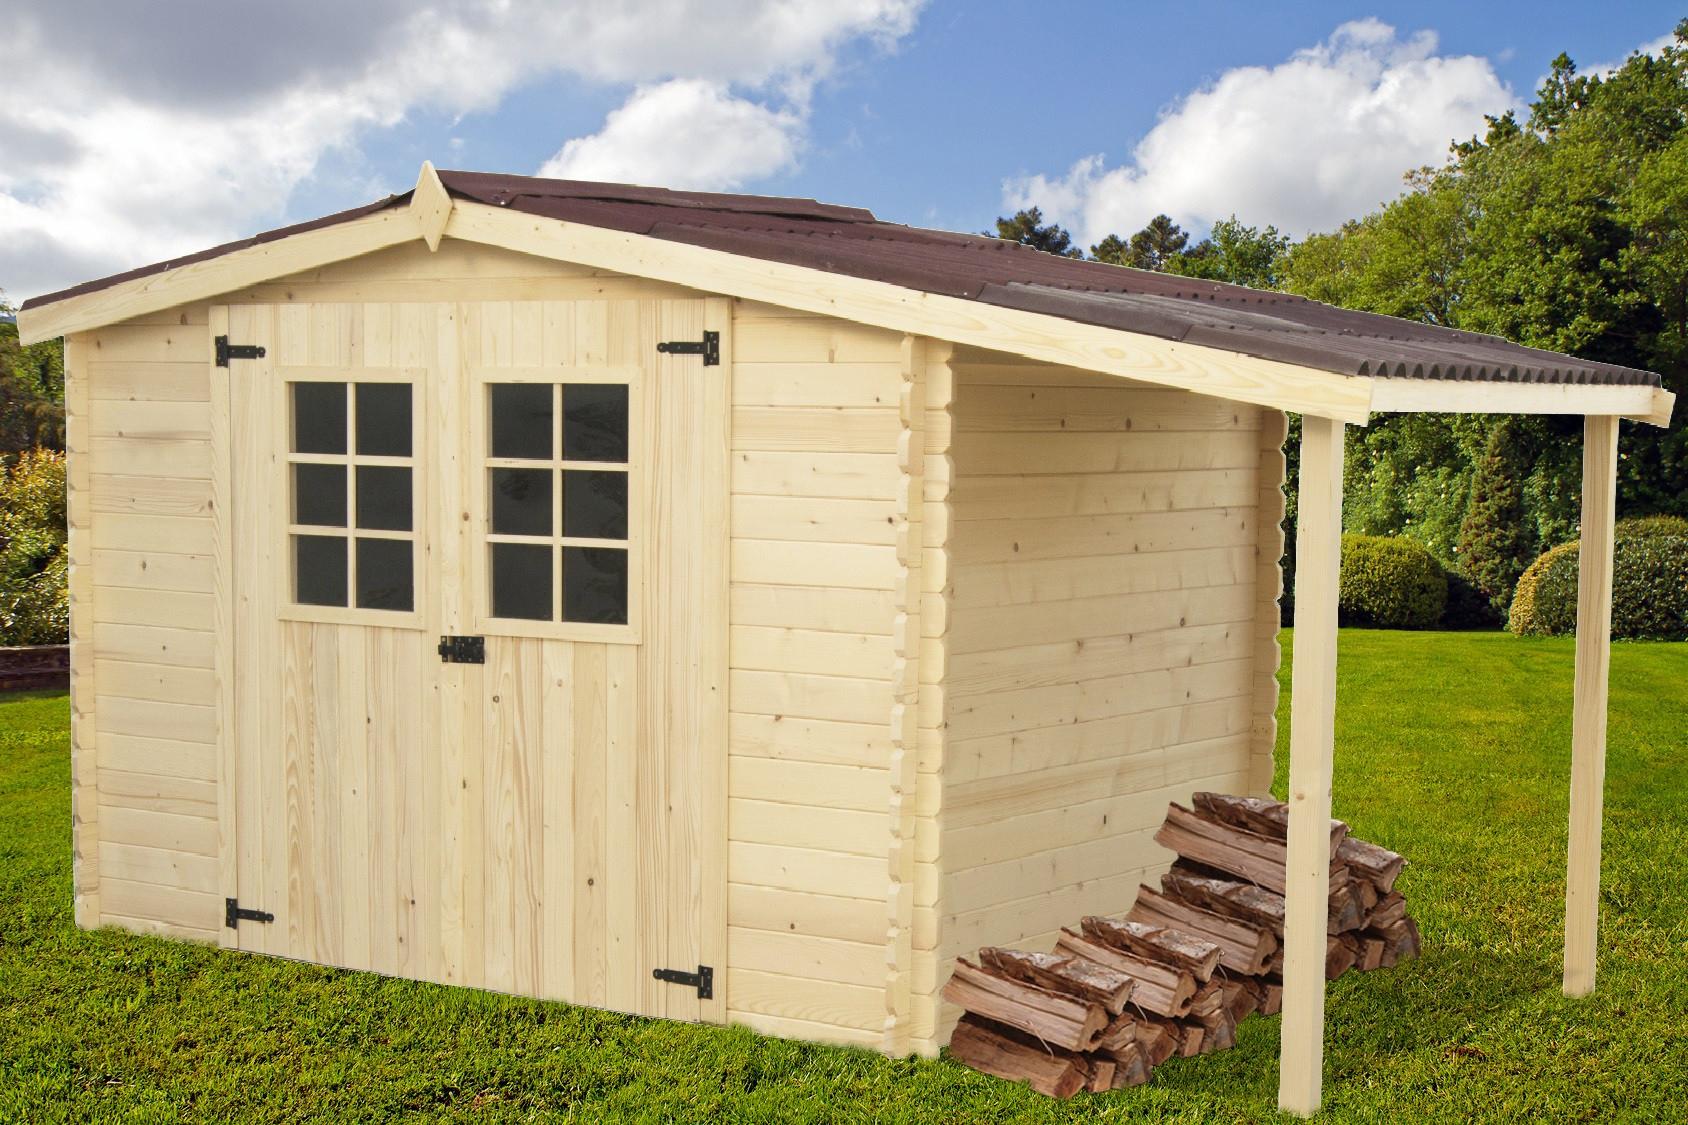 Cabanes De Jardin Leroy Merlin Meilleur De Collection Abri De Jardin Bois Avec Plancher Avec Aimable Bucher Leroy Merlin